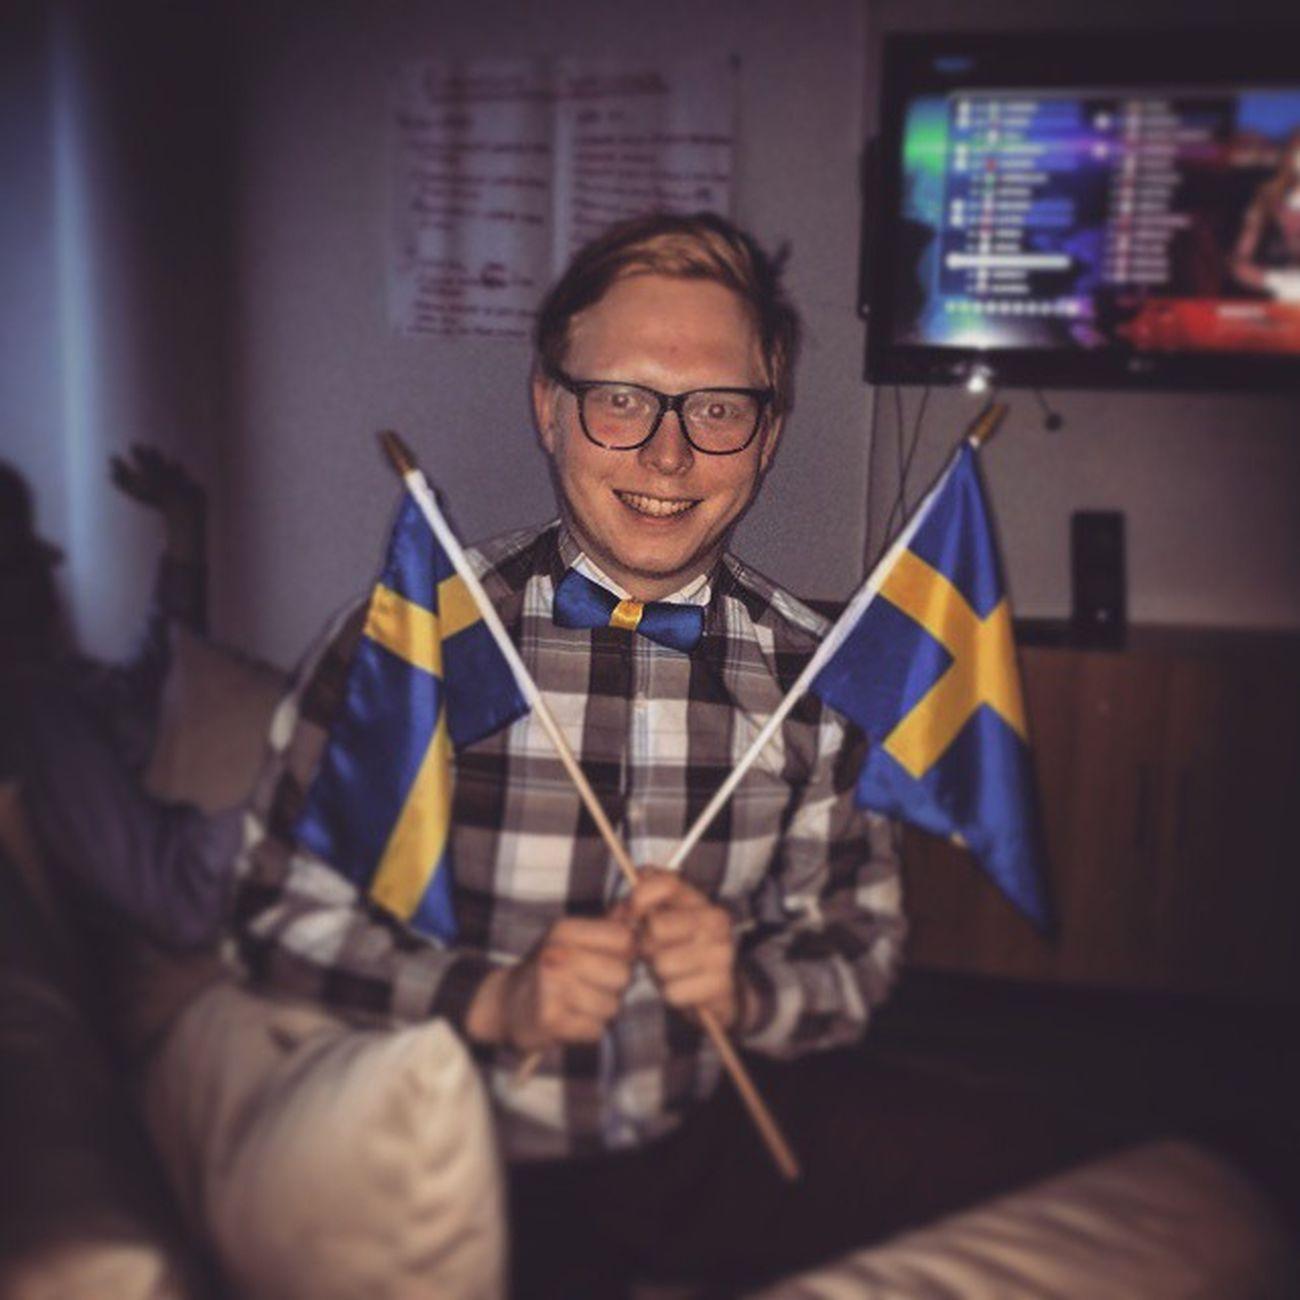 Áfram Svíþjóð. Swe 12stig Sweden Eurovision